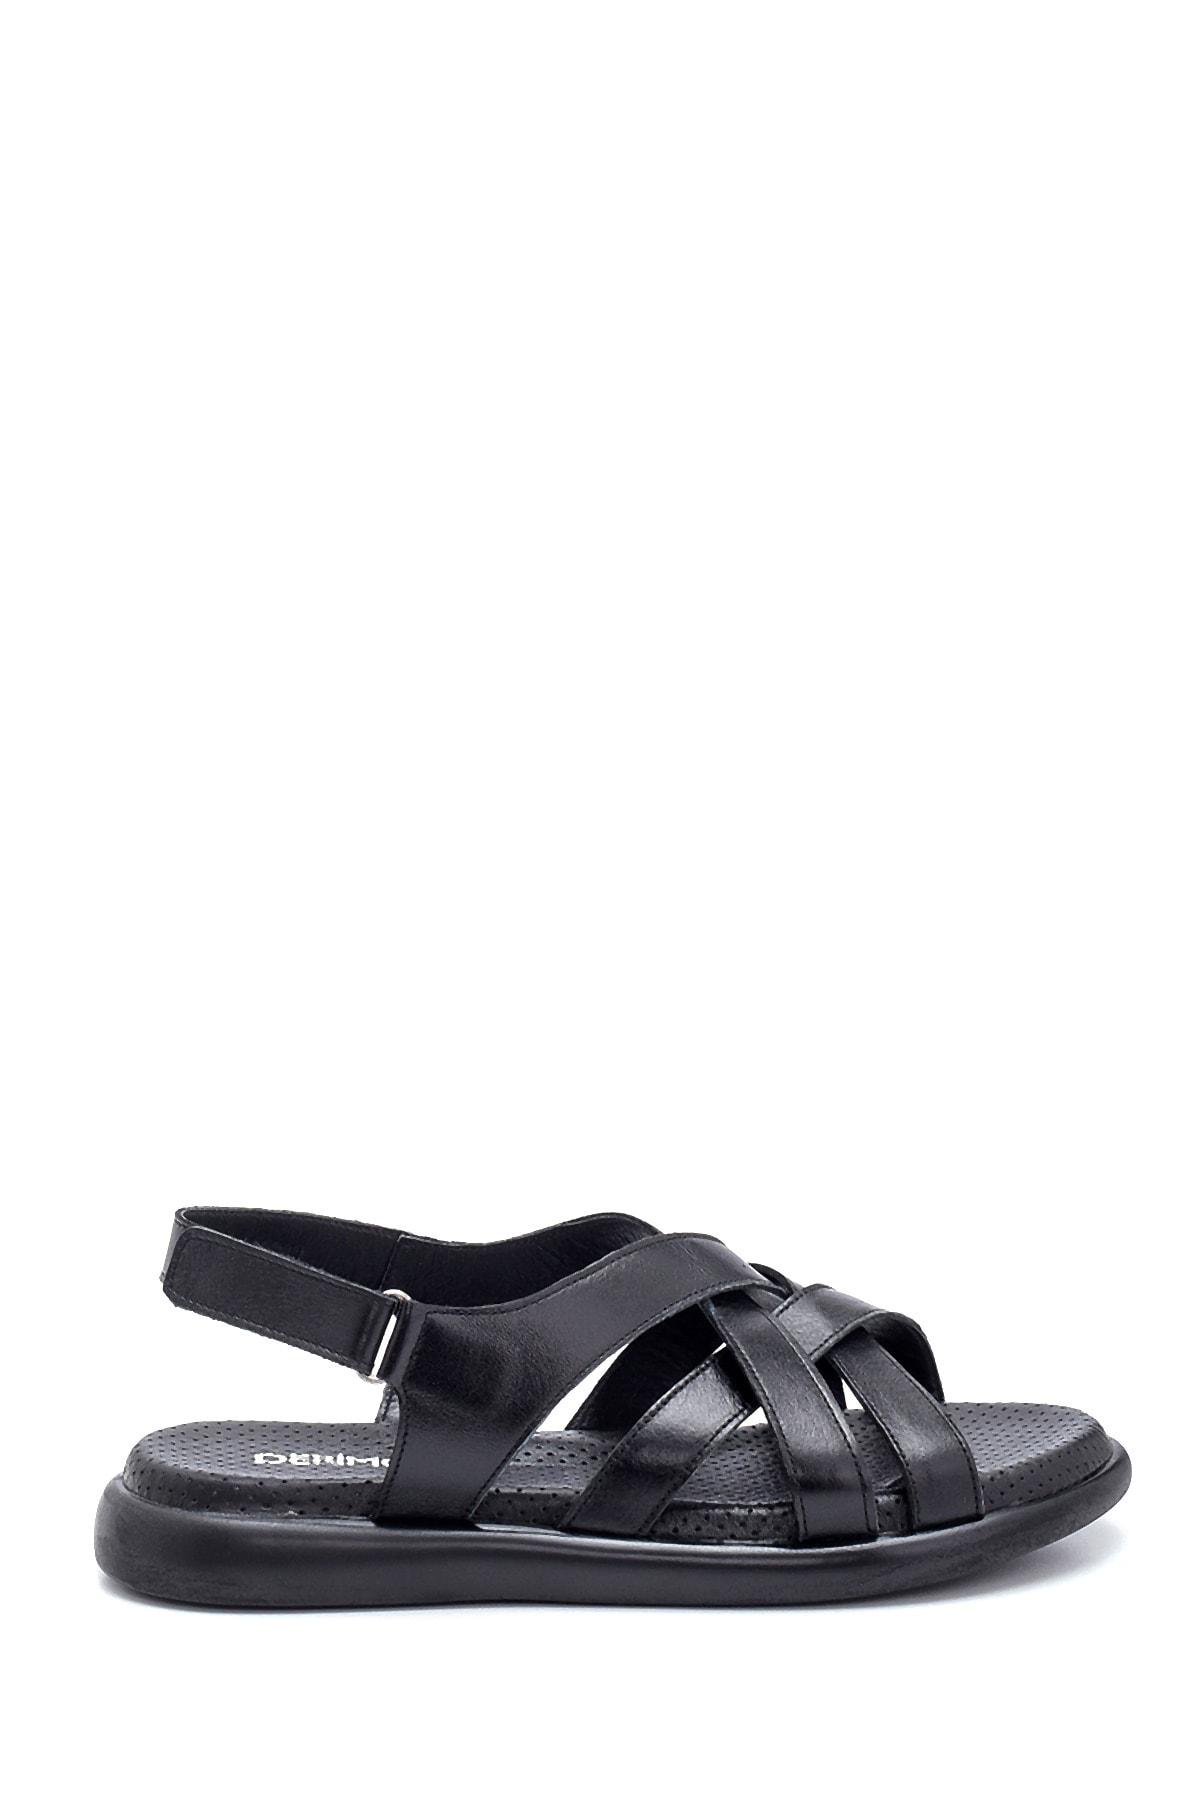 Kadın Deri Bantlı Sandalet